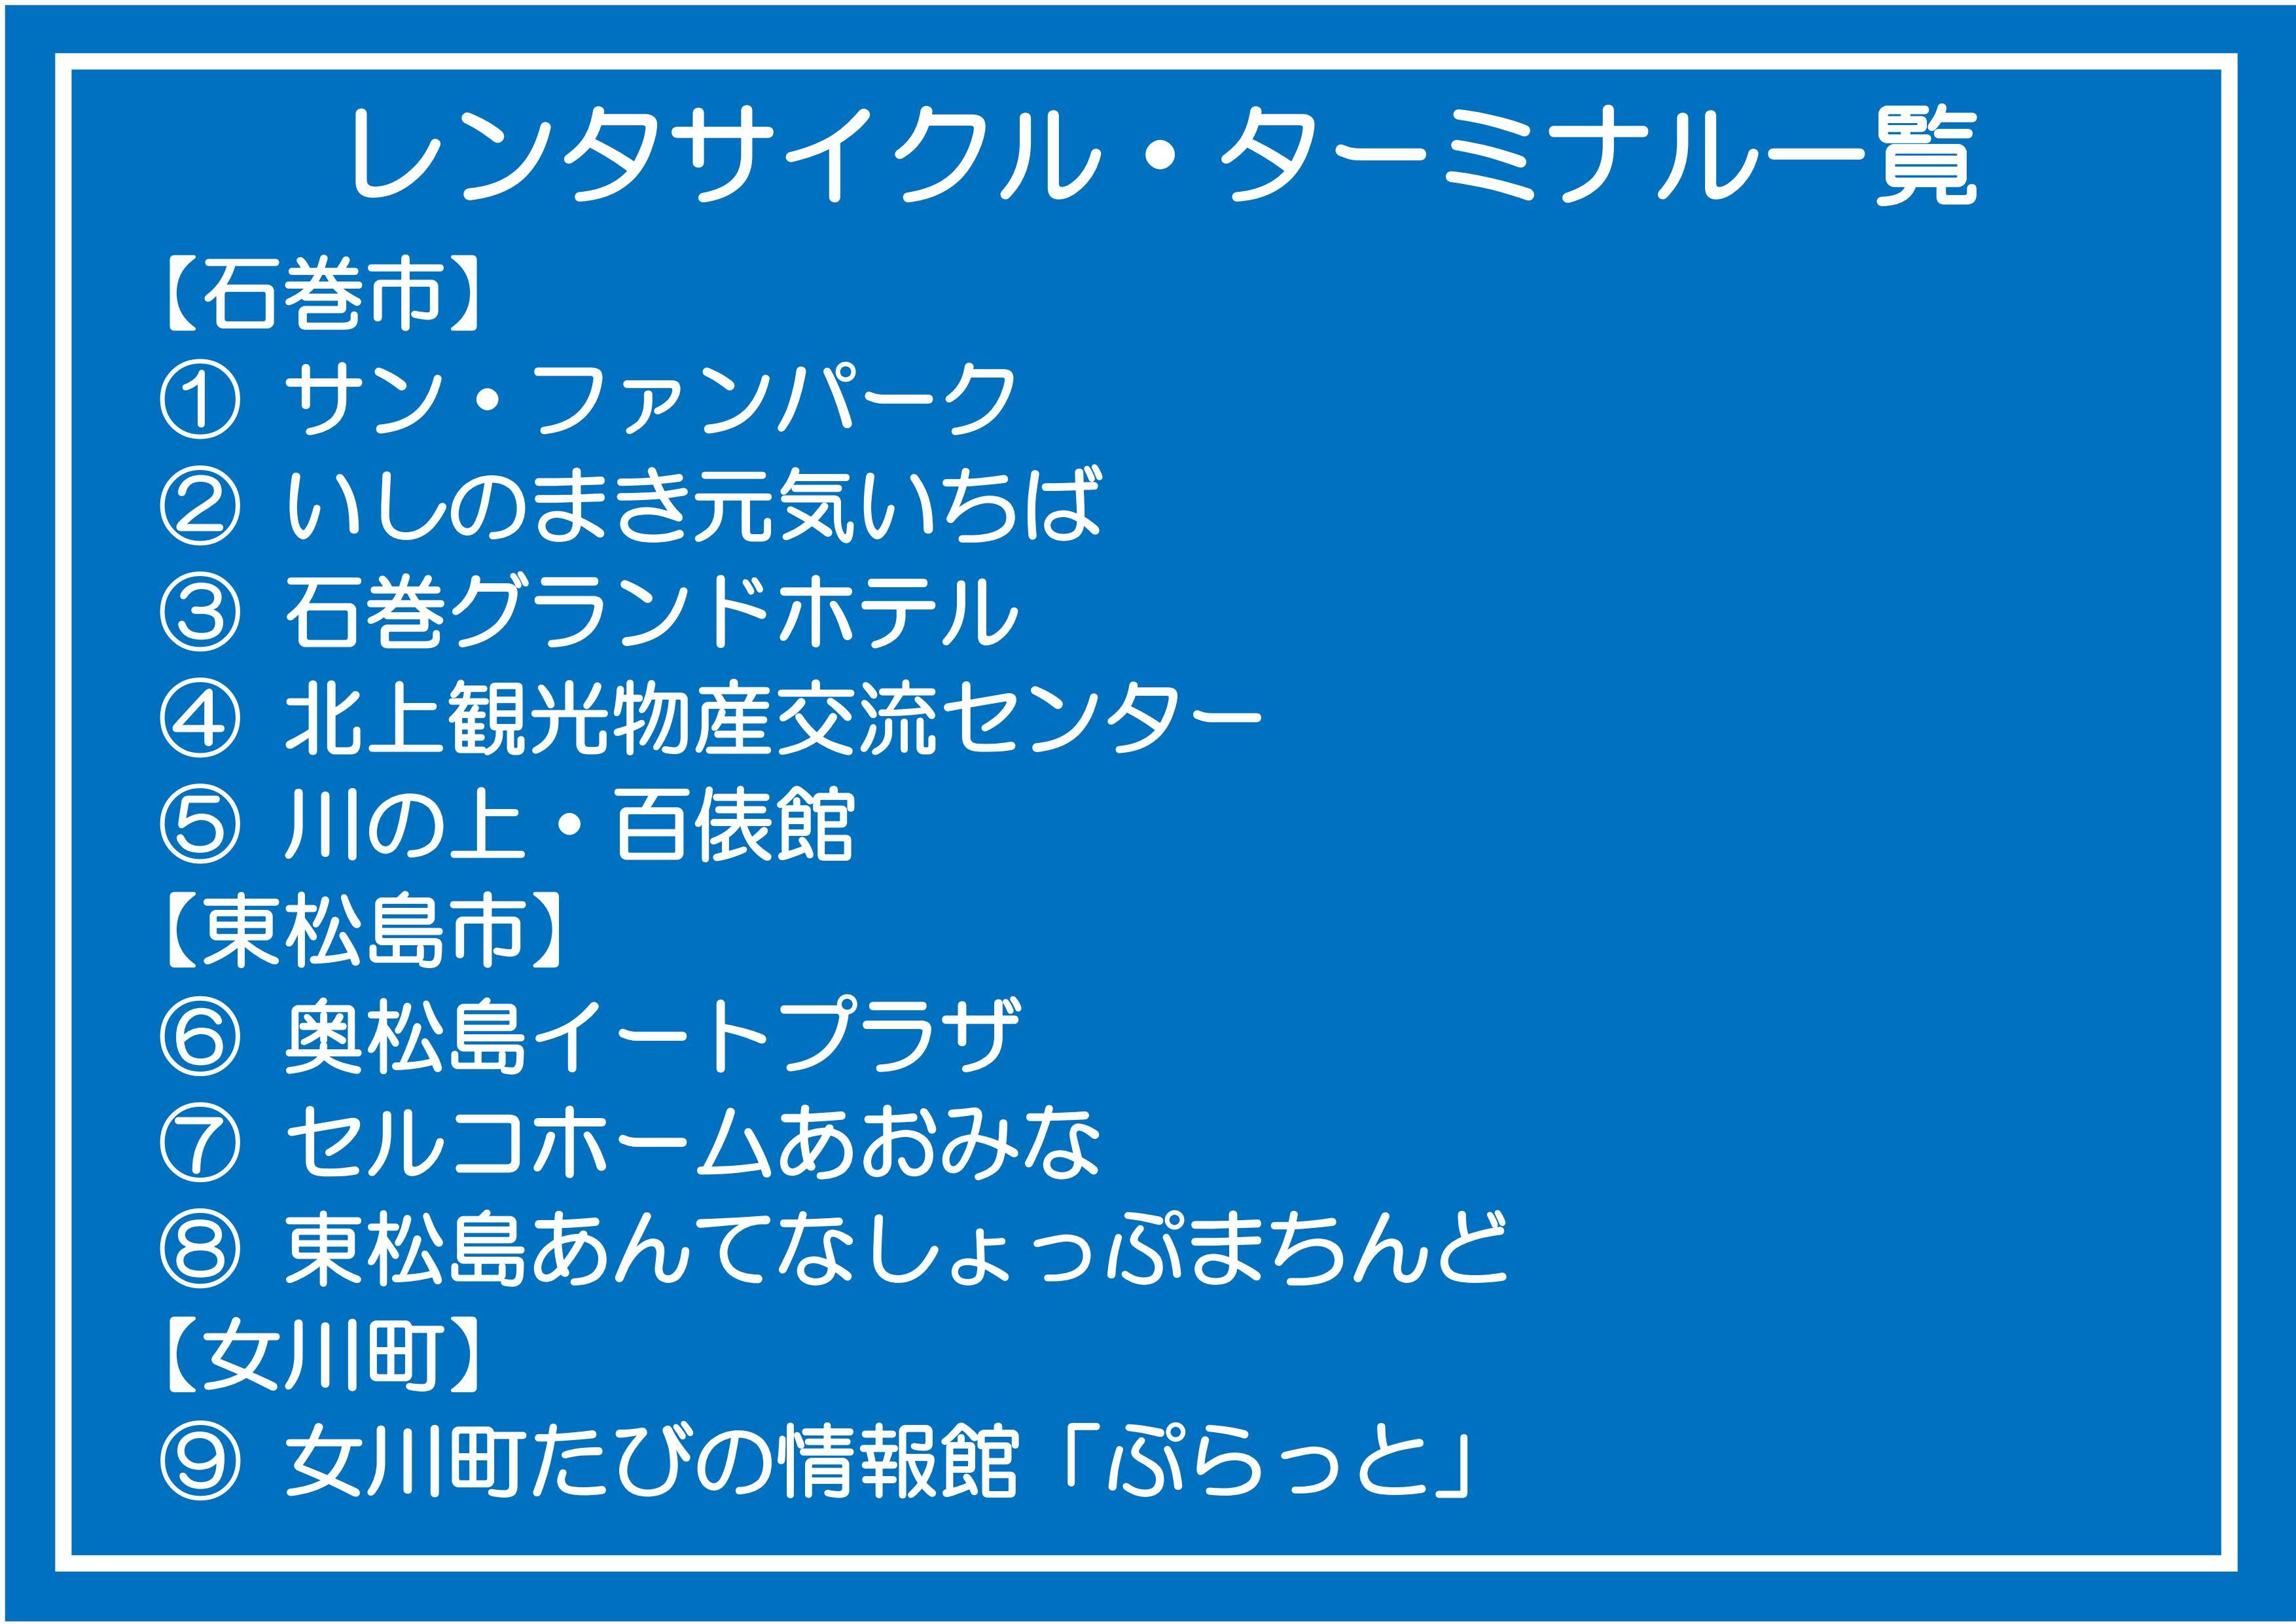 【東松島市】まちんど 一般XSタイプ 1日1台限定【コース番号:80901】